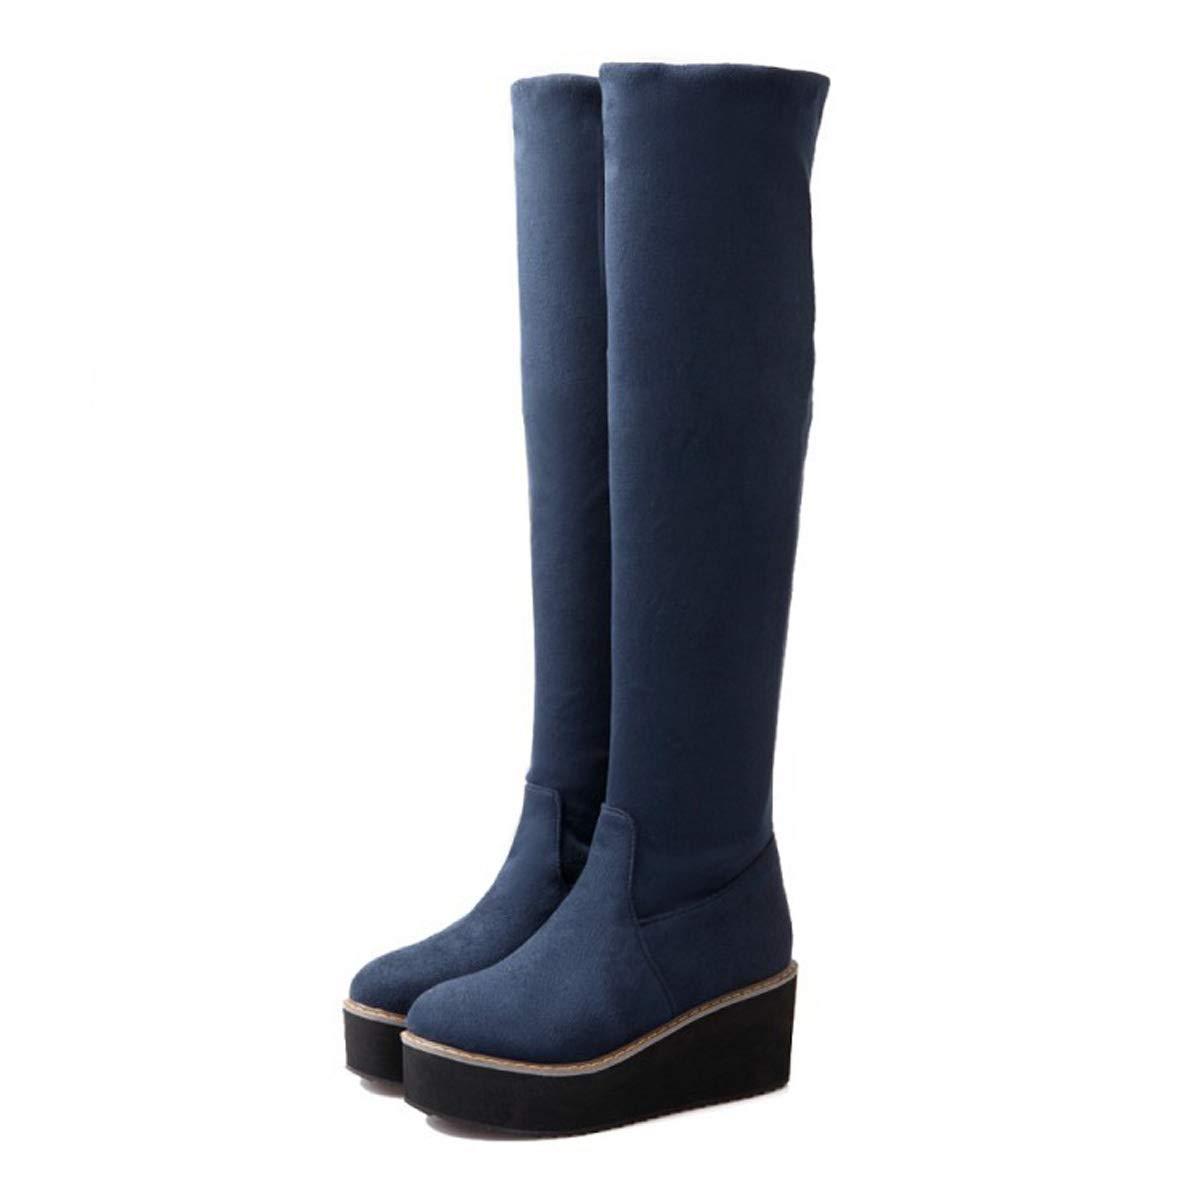 DANDANJIE Damen Schneestiefel Keilabsatz über die Knie Stiefel Rot mit rutschfesten Stretch-Stiefeln Blau Schwarz Rot Stiefel 887f09